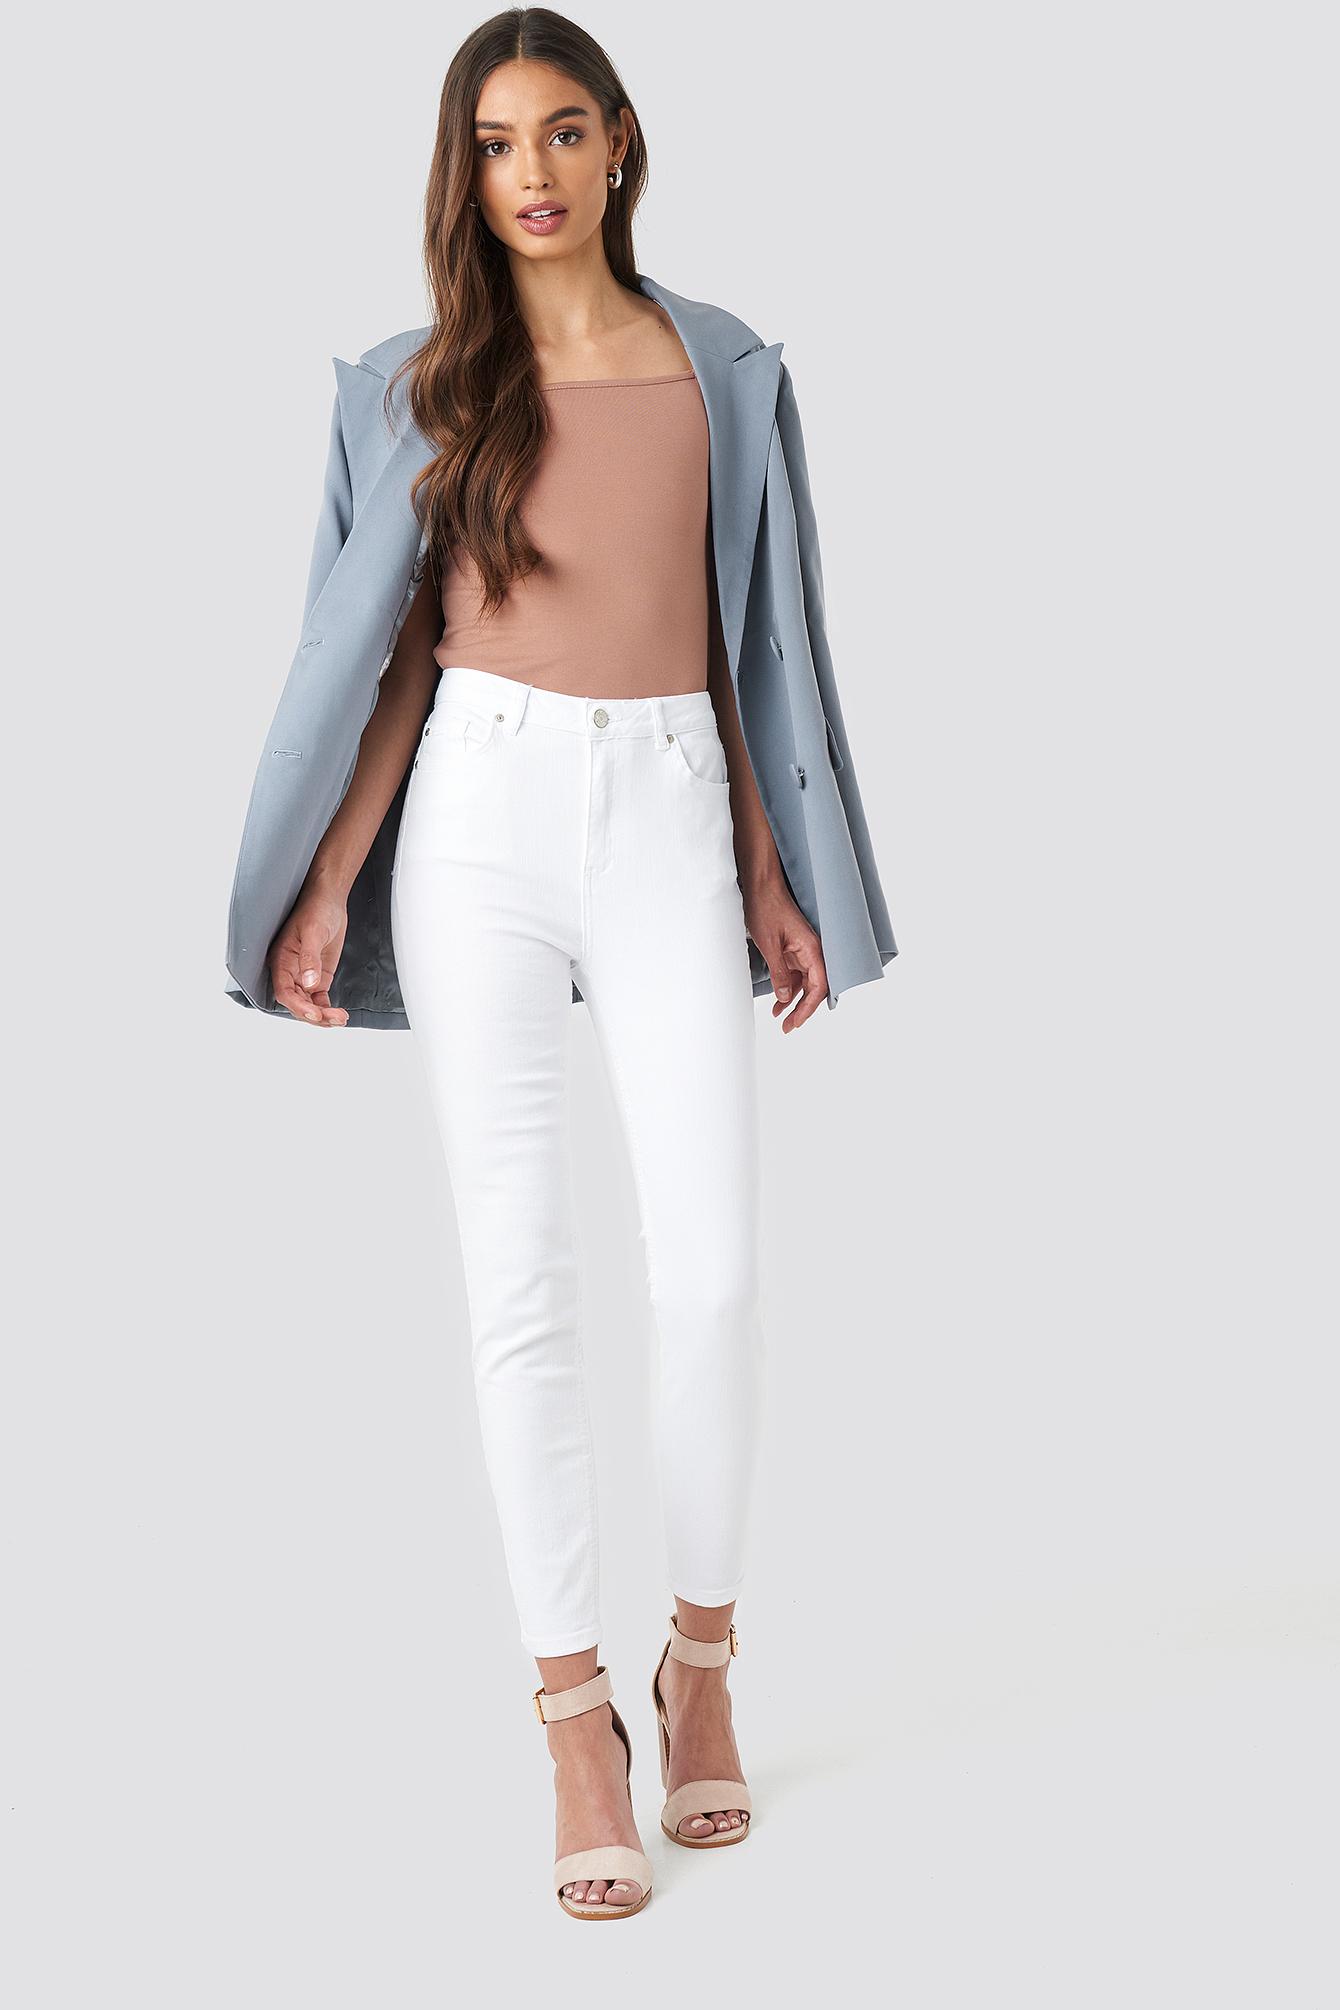 trendyol -  Milla High Waist Jeans - White